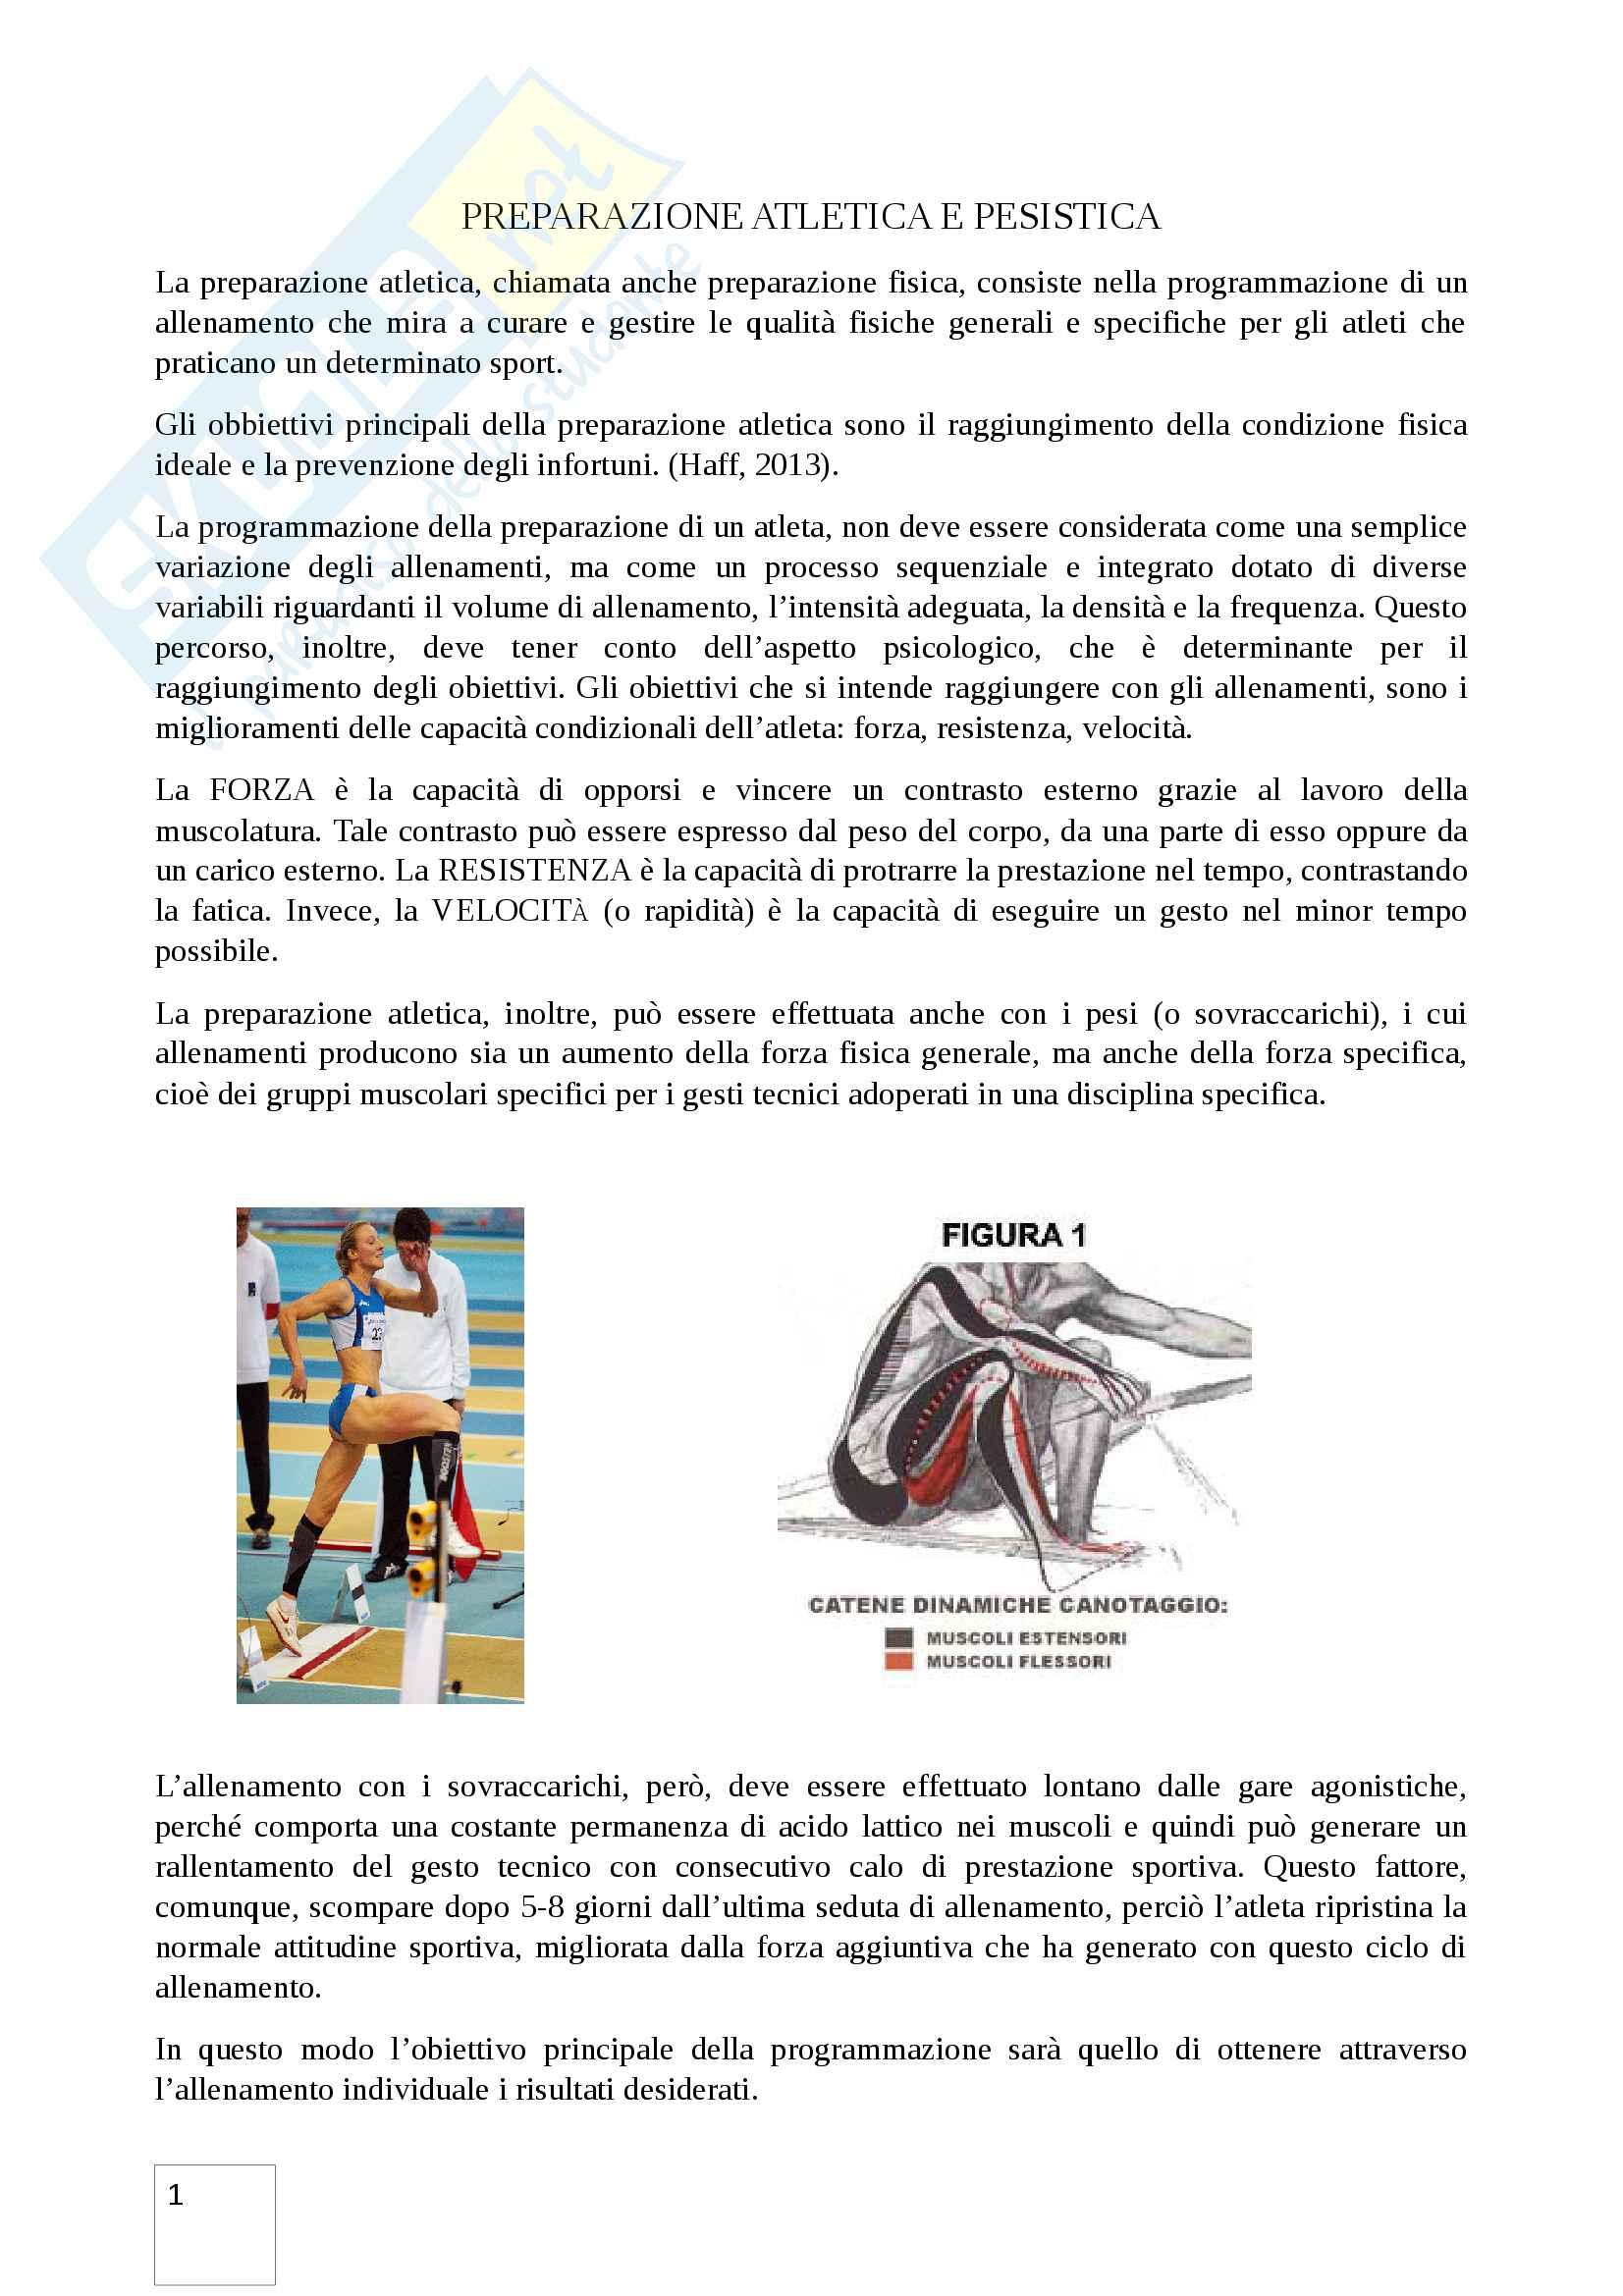 Preparazione atletica e pesistica: allenamento e supercompensazione